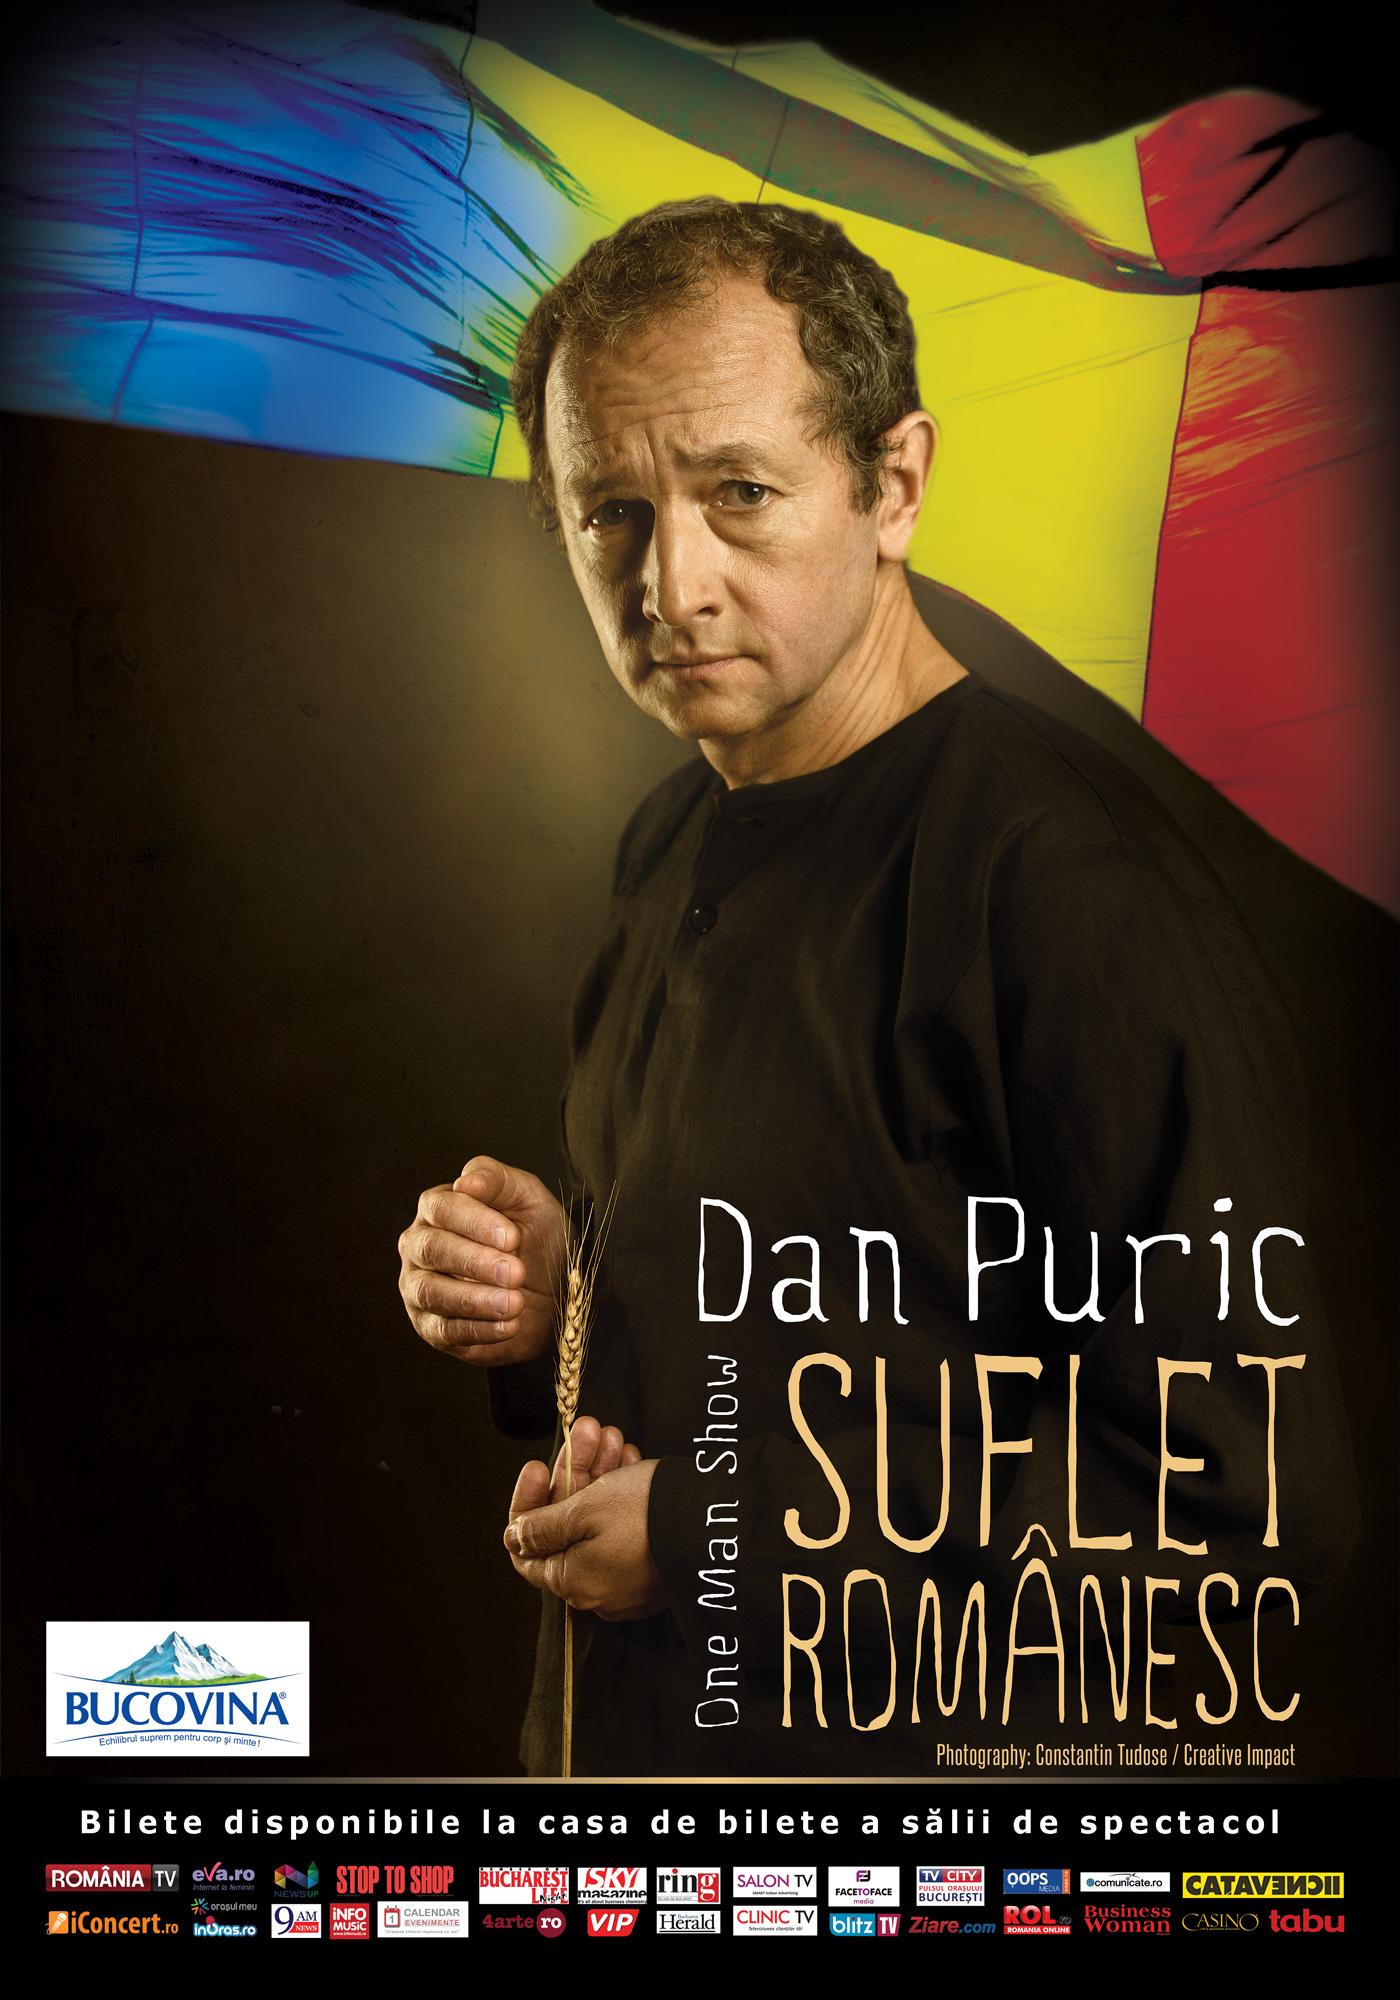 Dan-Puric-suflet-romanesc